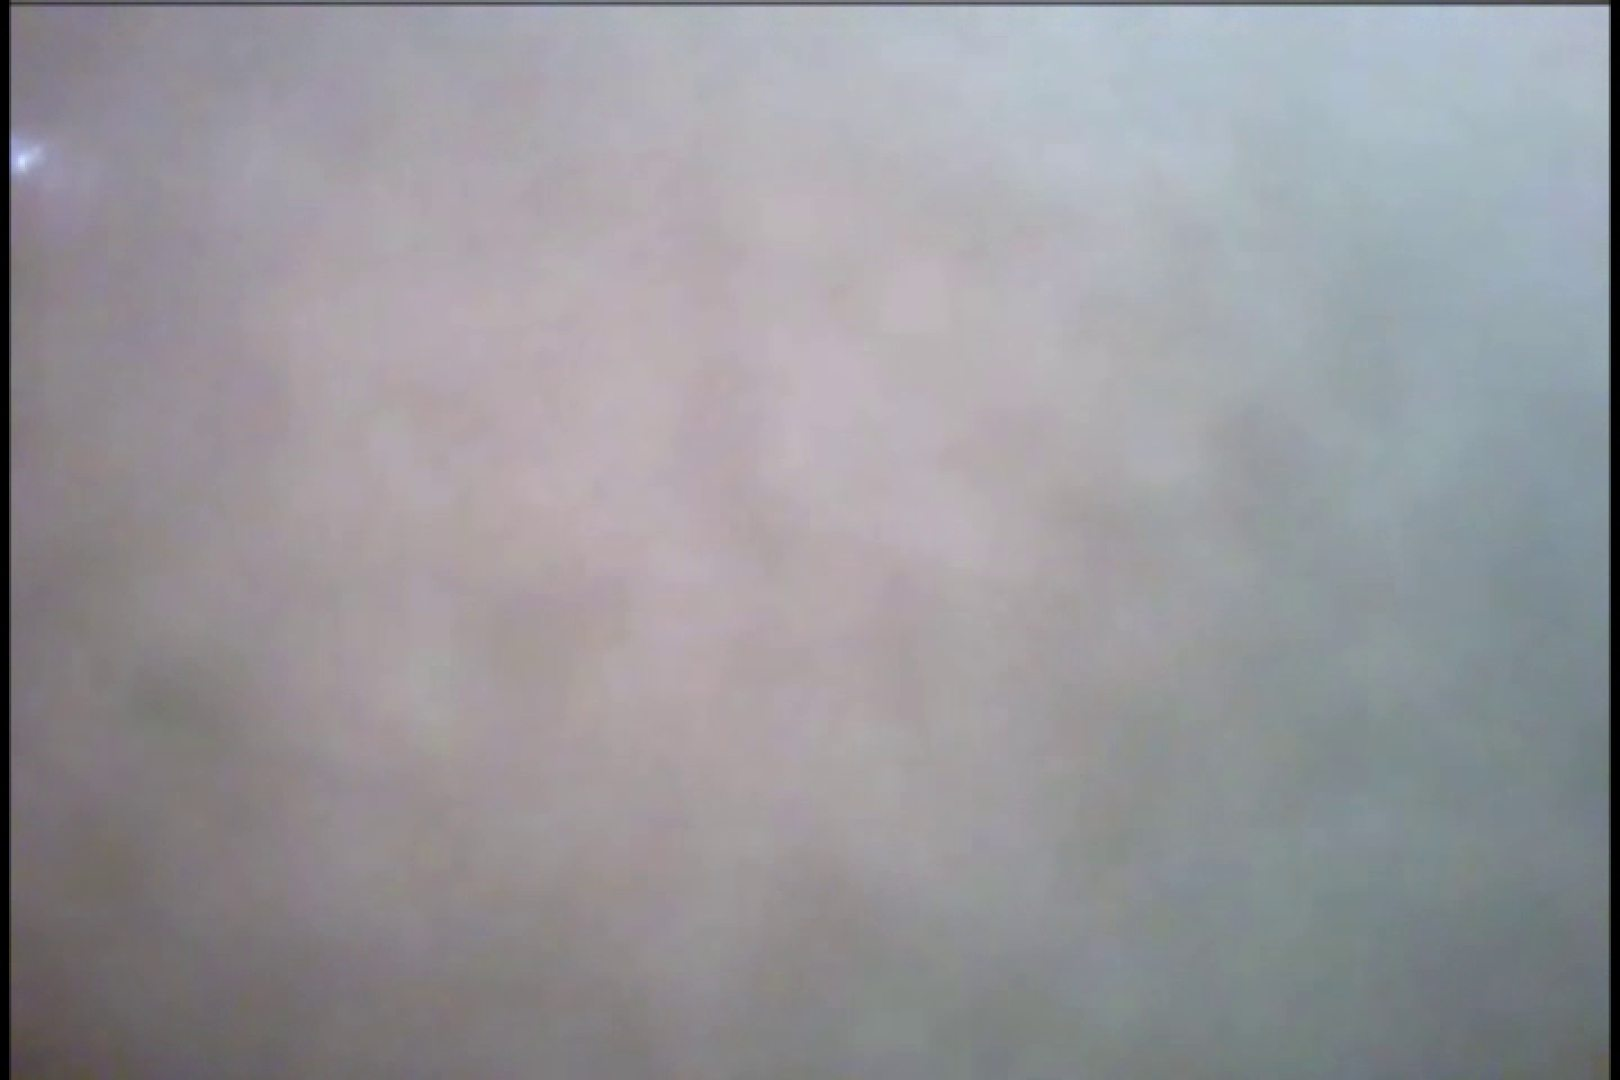 潜入!!女子化粧室盗撮~絶対見られたくない時間~vo,50 熟女のエロ動画  85PIX 4